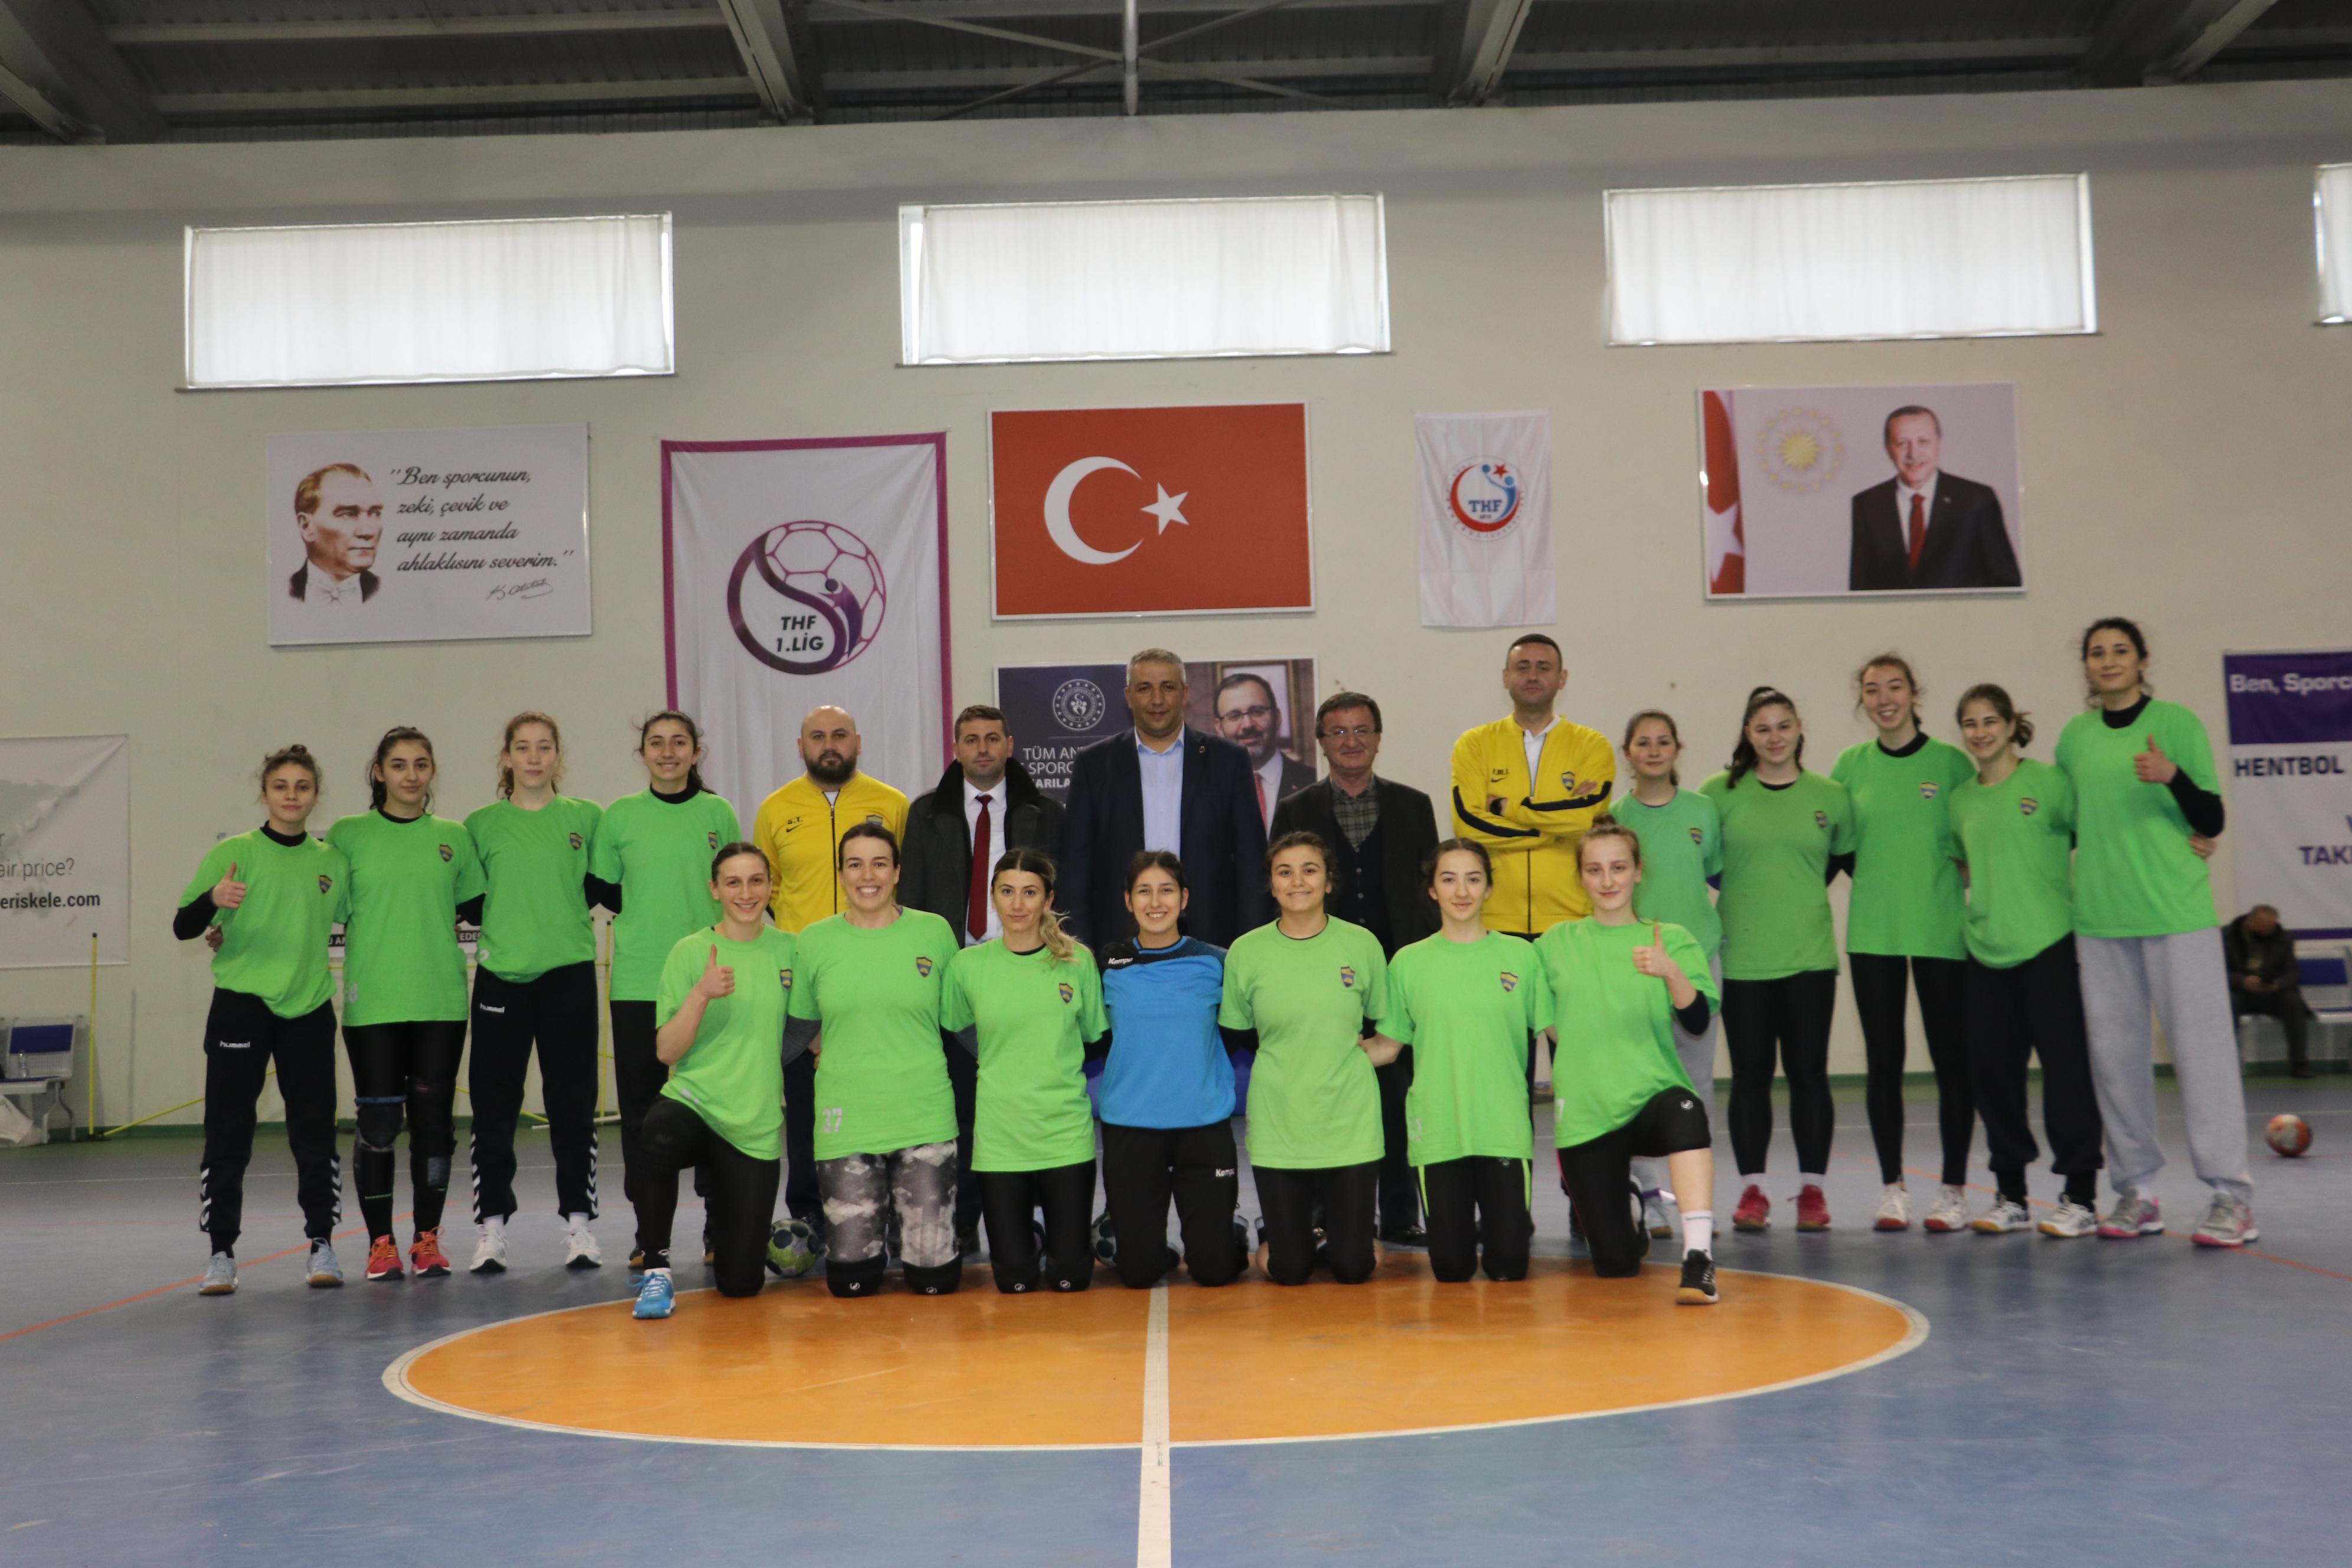 Azmeden gençlerin büyük başarısı! Küçük bir ilçede kurulan hentbol takımını Süper Lig'e taşıdılar